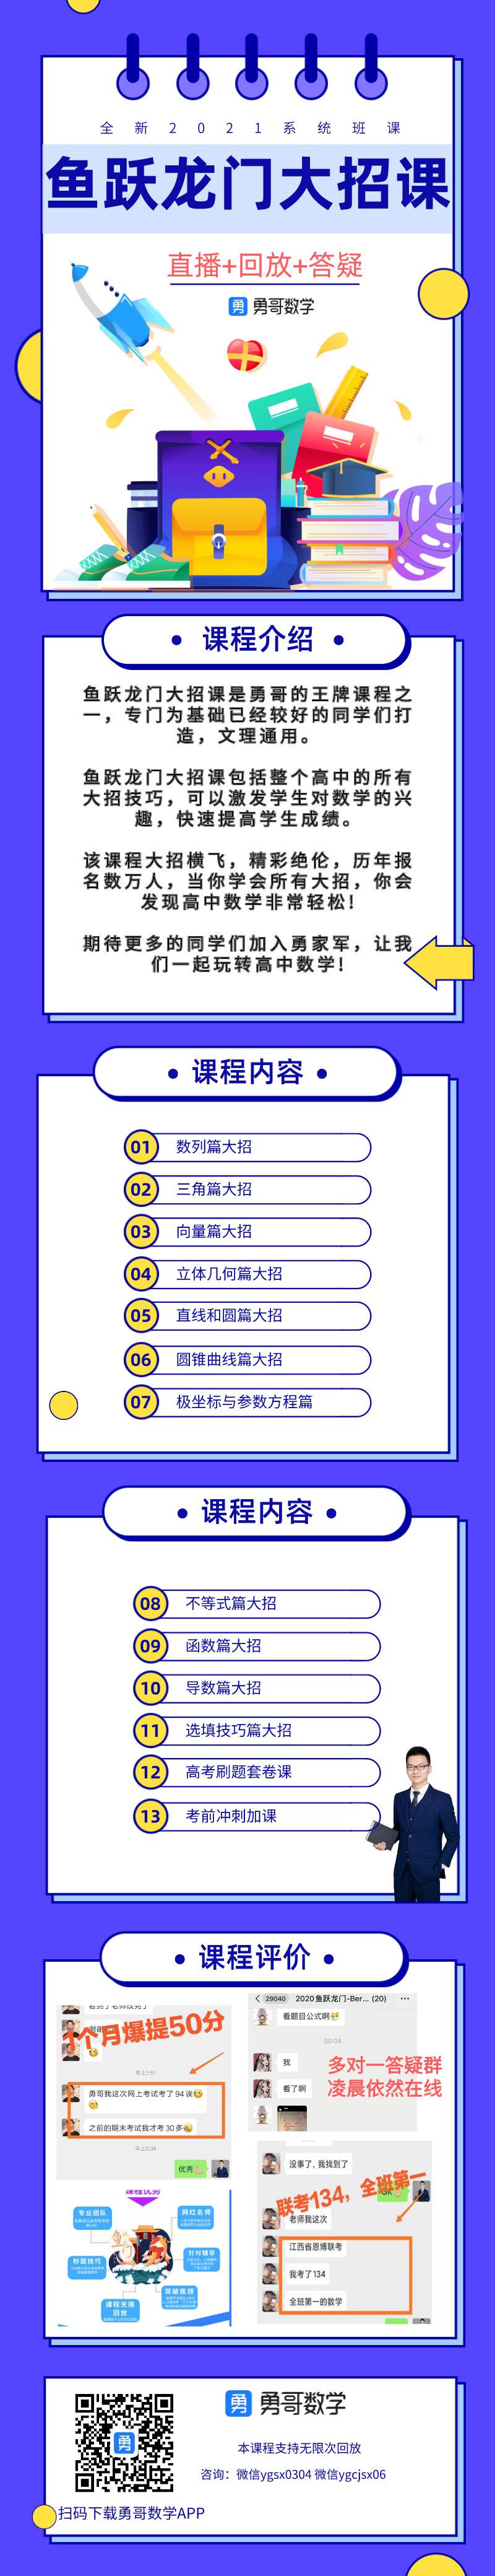 2021鱼跃龙门长图.png